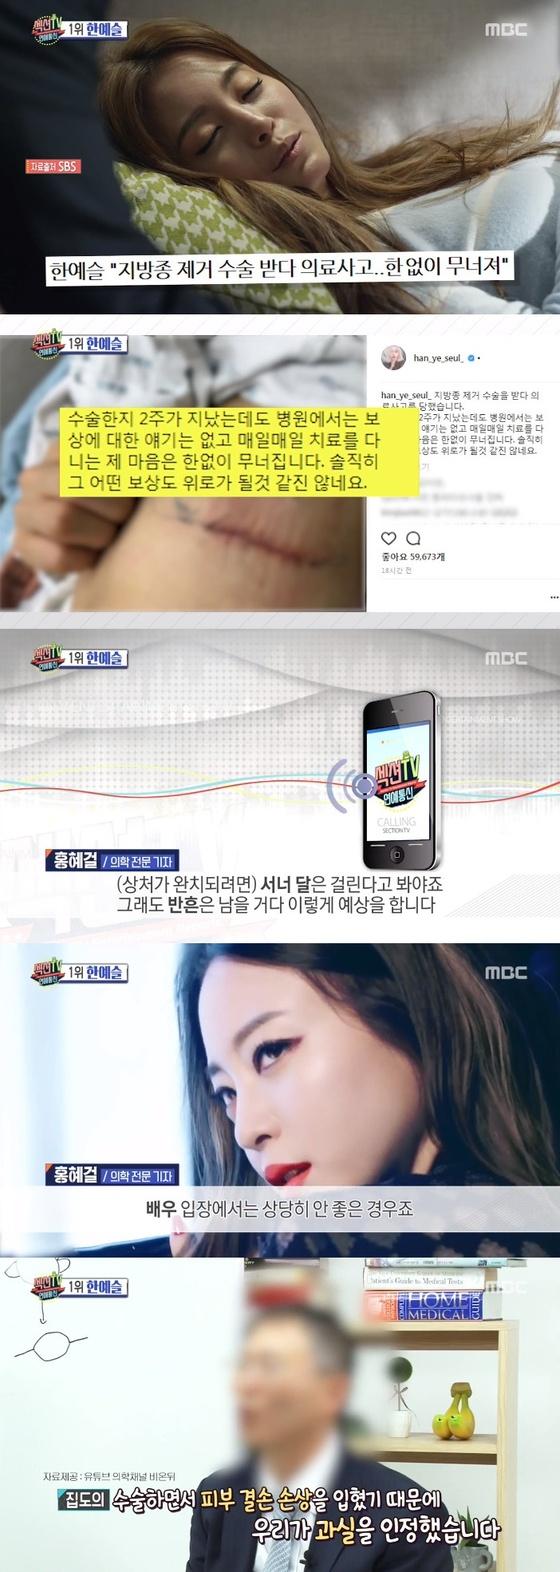 '섹션TV연예통신' 한예슬 의료 사고 언급…담당 집도의, 과실 인정